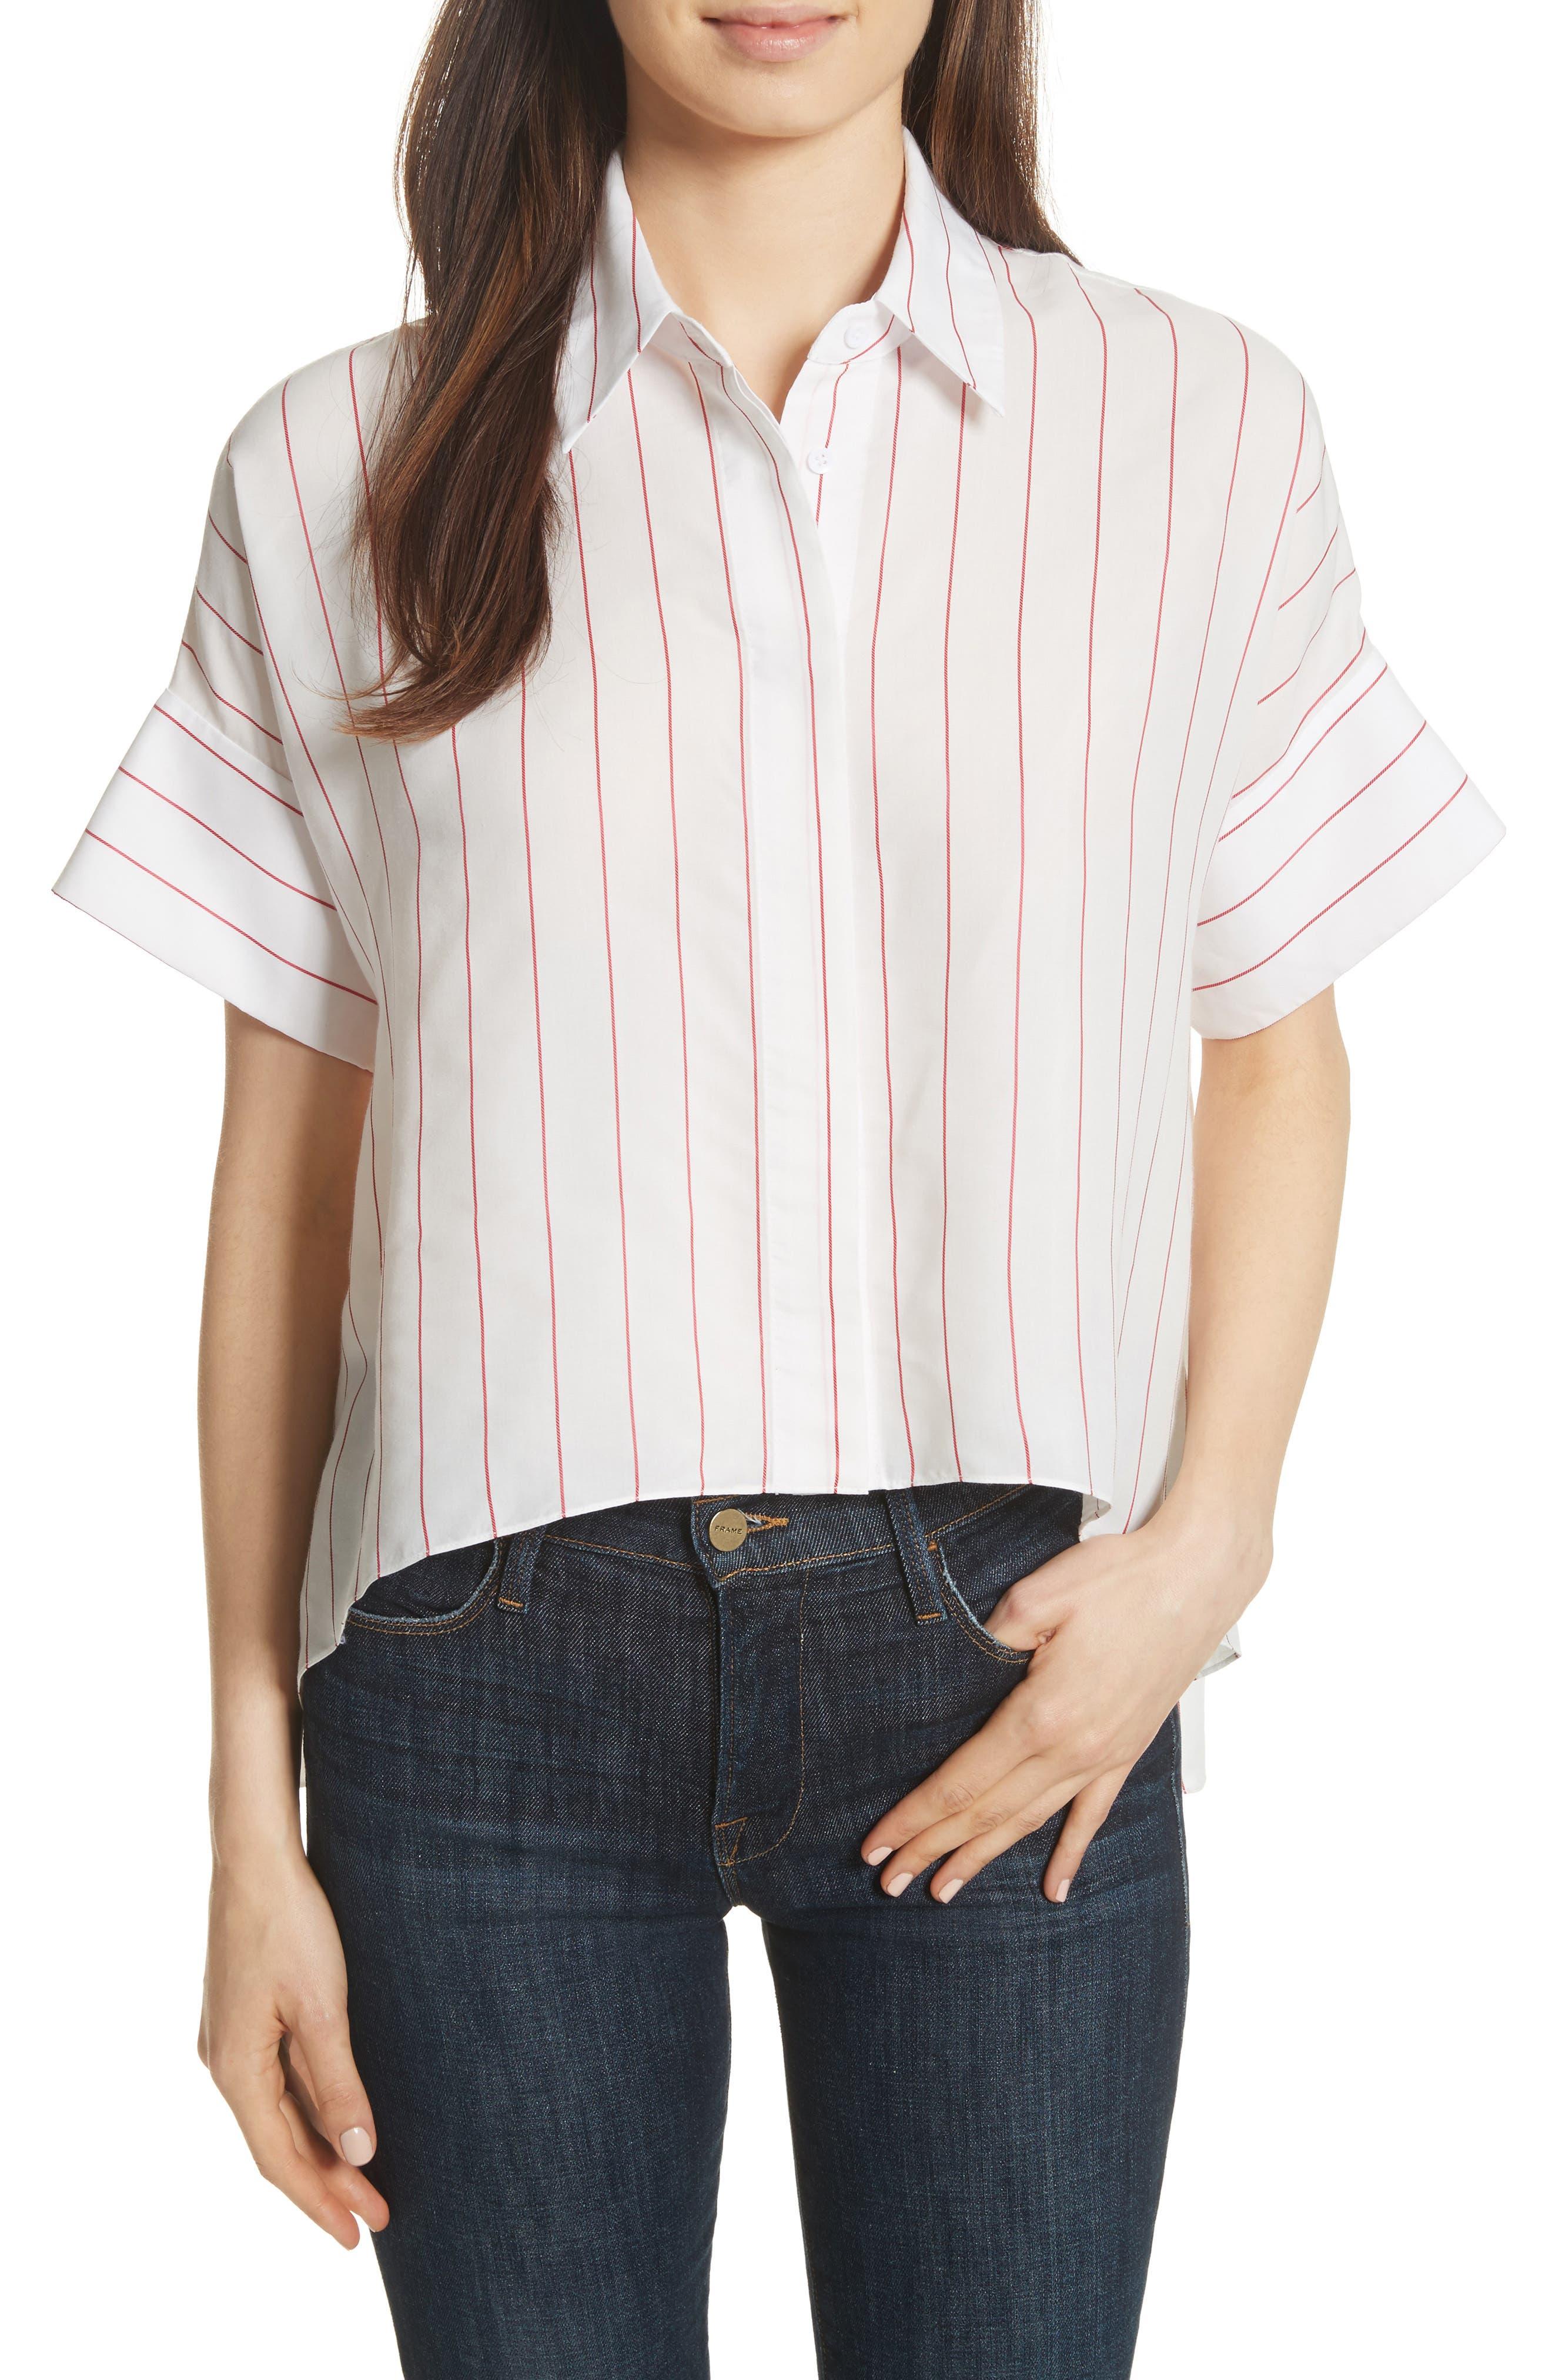 Edyth High/Low Button Down Shirt,                             Main thumbnail 1, color,                             134